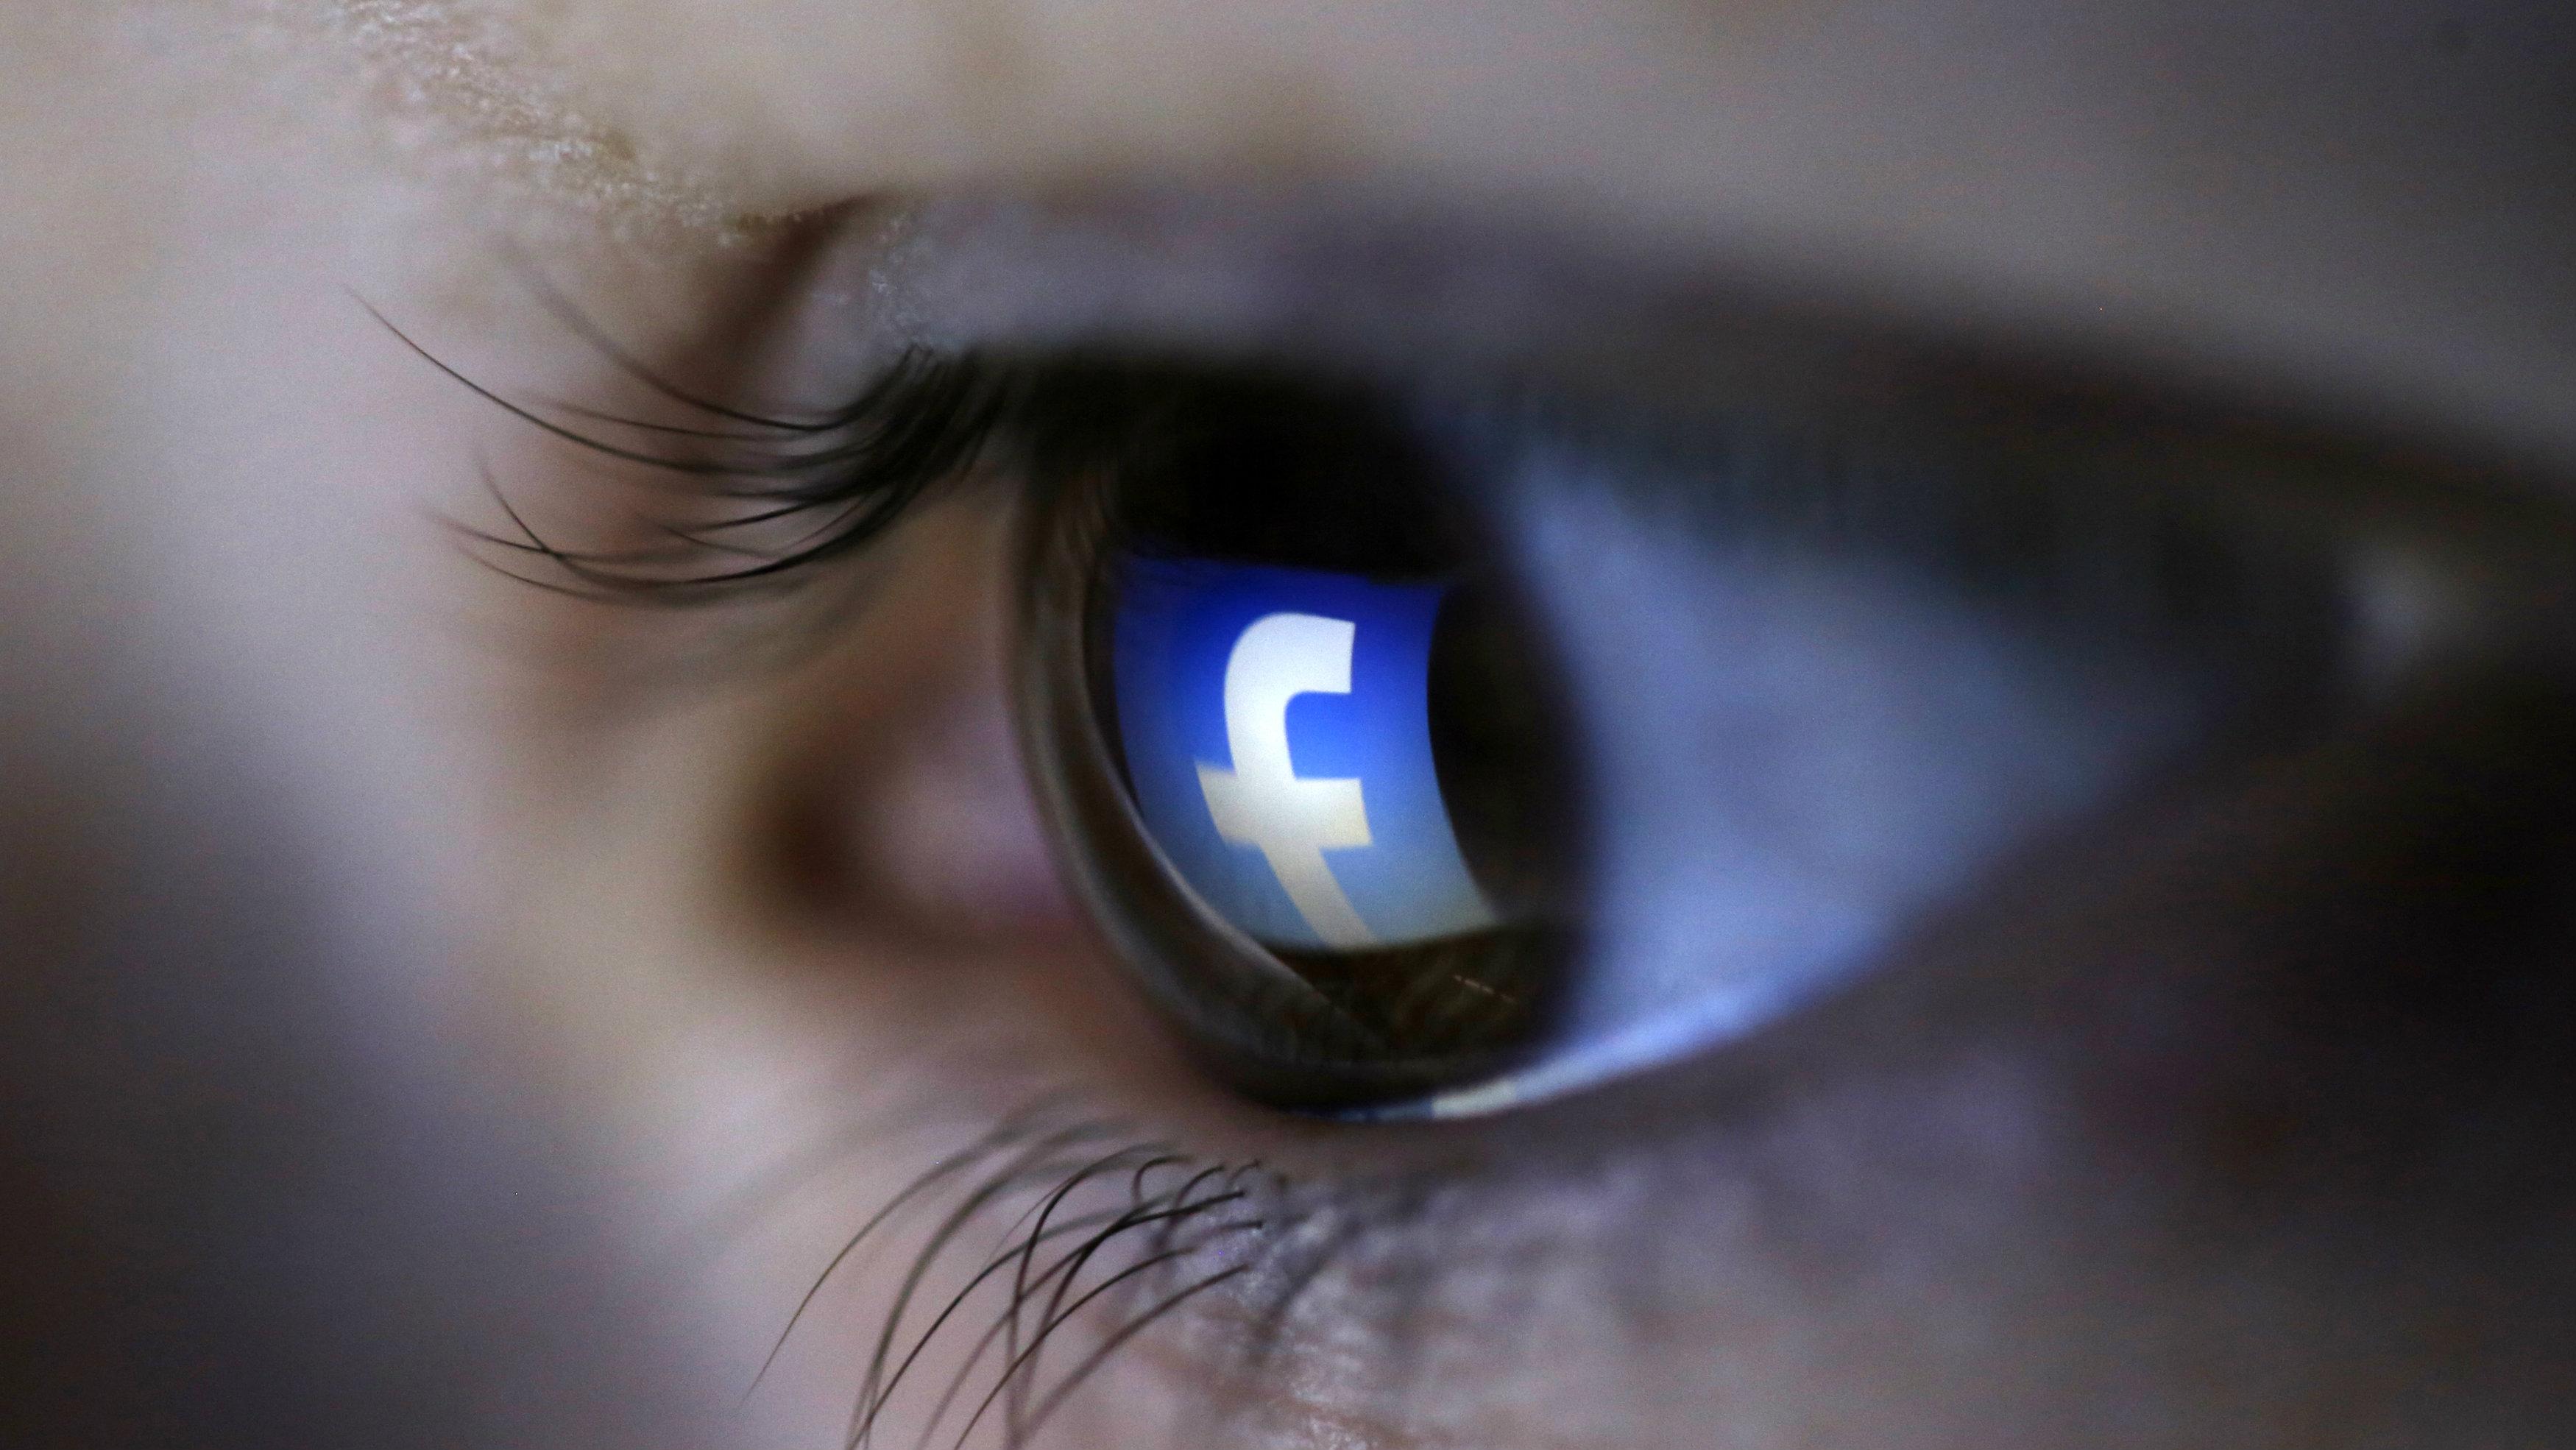 eye looking at facebook